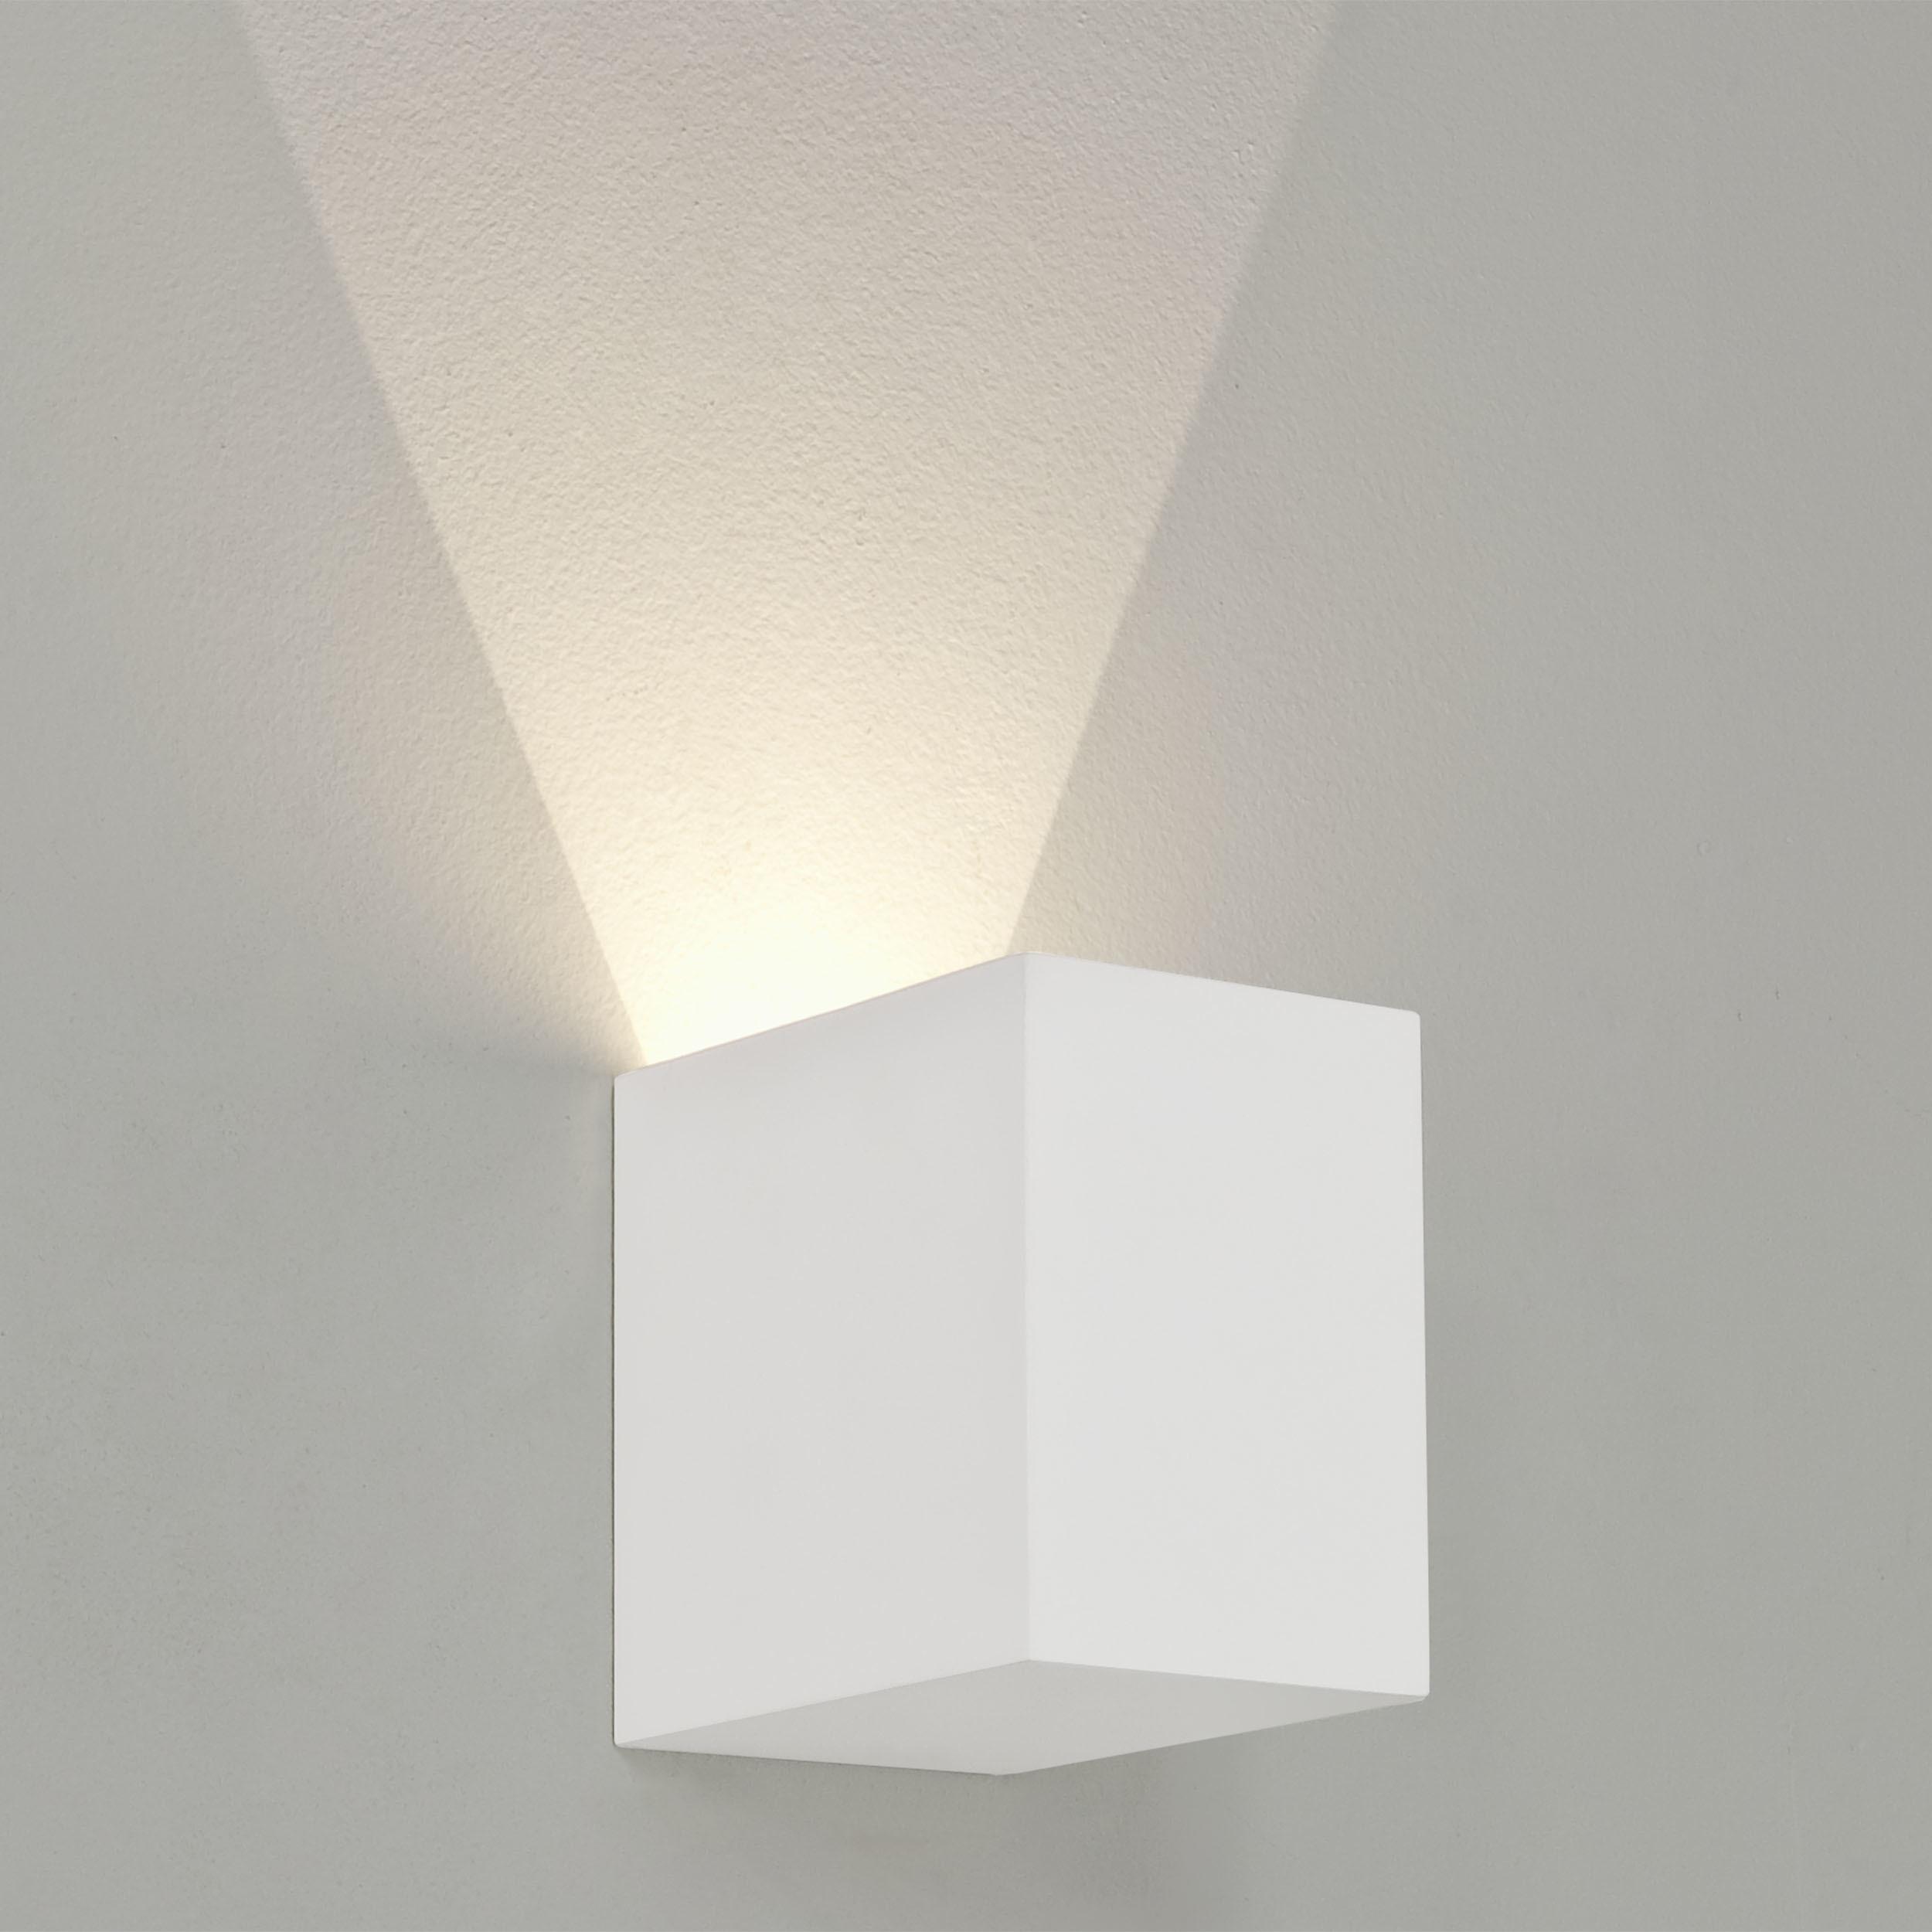 Настенный светодиодный светильник Astro Parma 1187004 (7019), LED 3,98W 3000K 104.3lm CRI80, белый, под покраску, гипс - фото 1